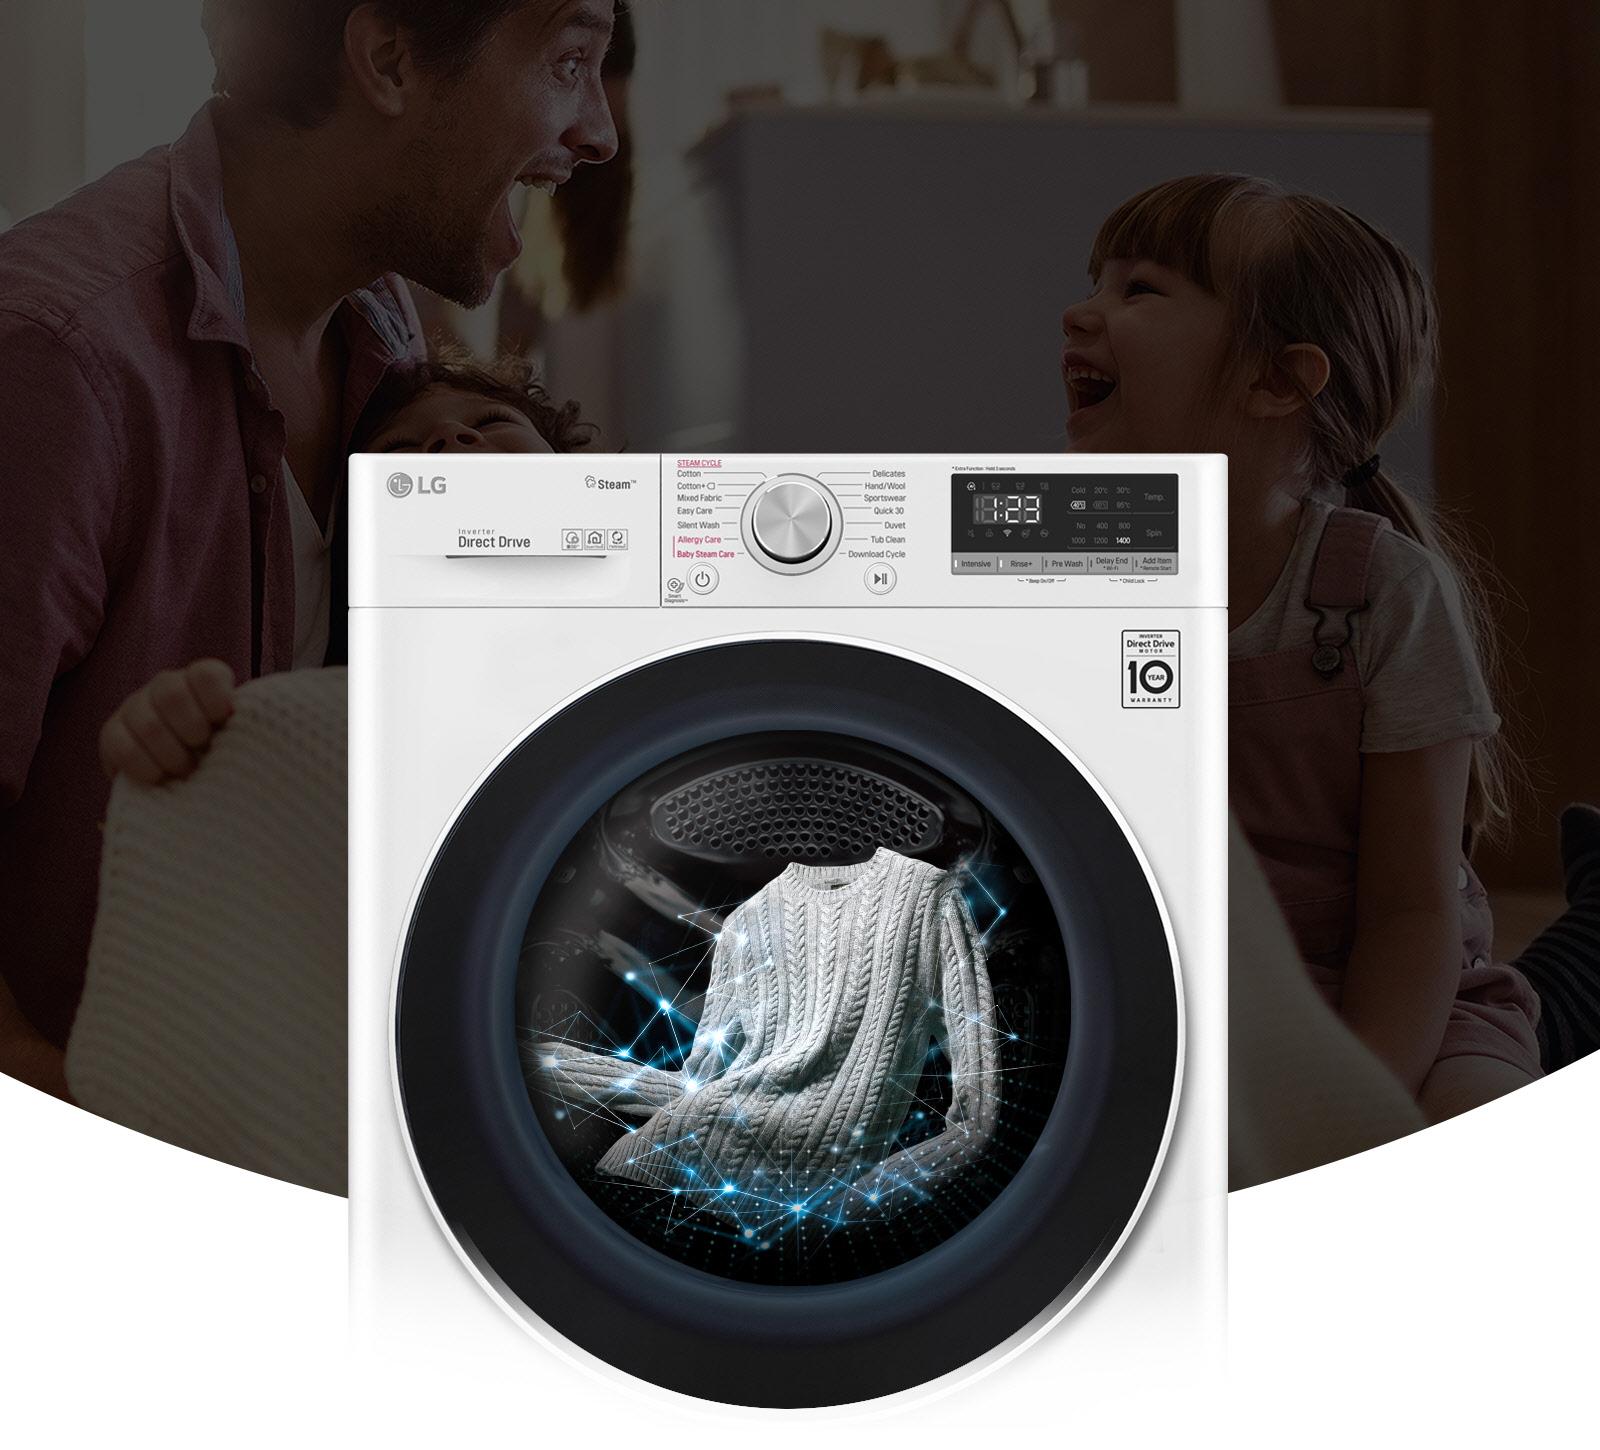 Lavaggi intelligenti, 18% in più cura dei tessuti1